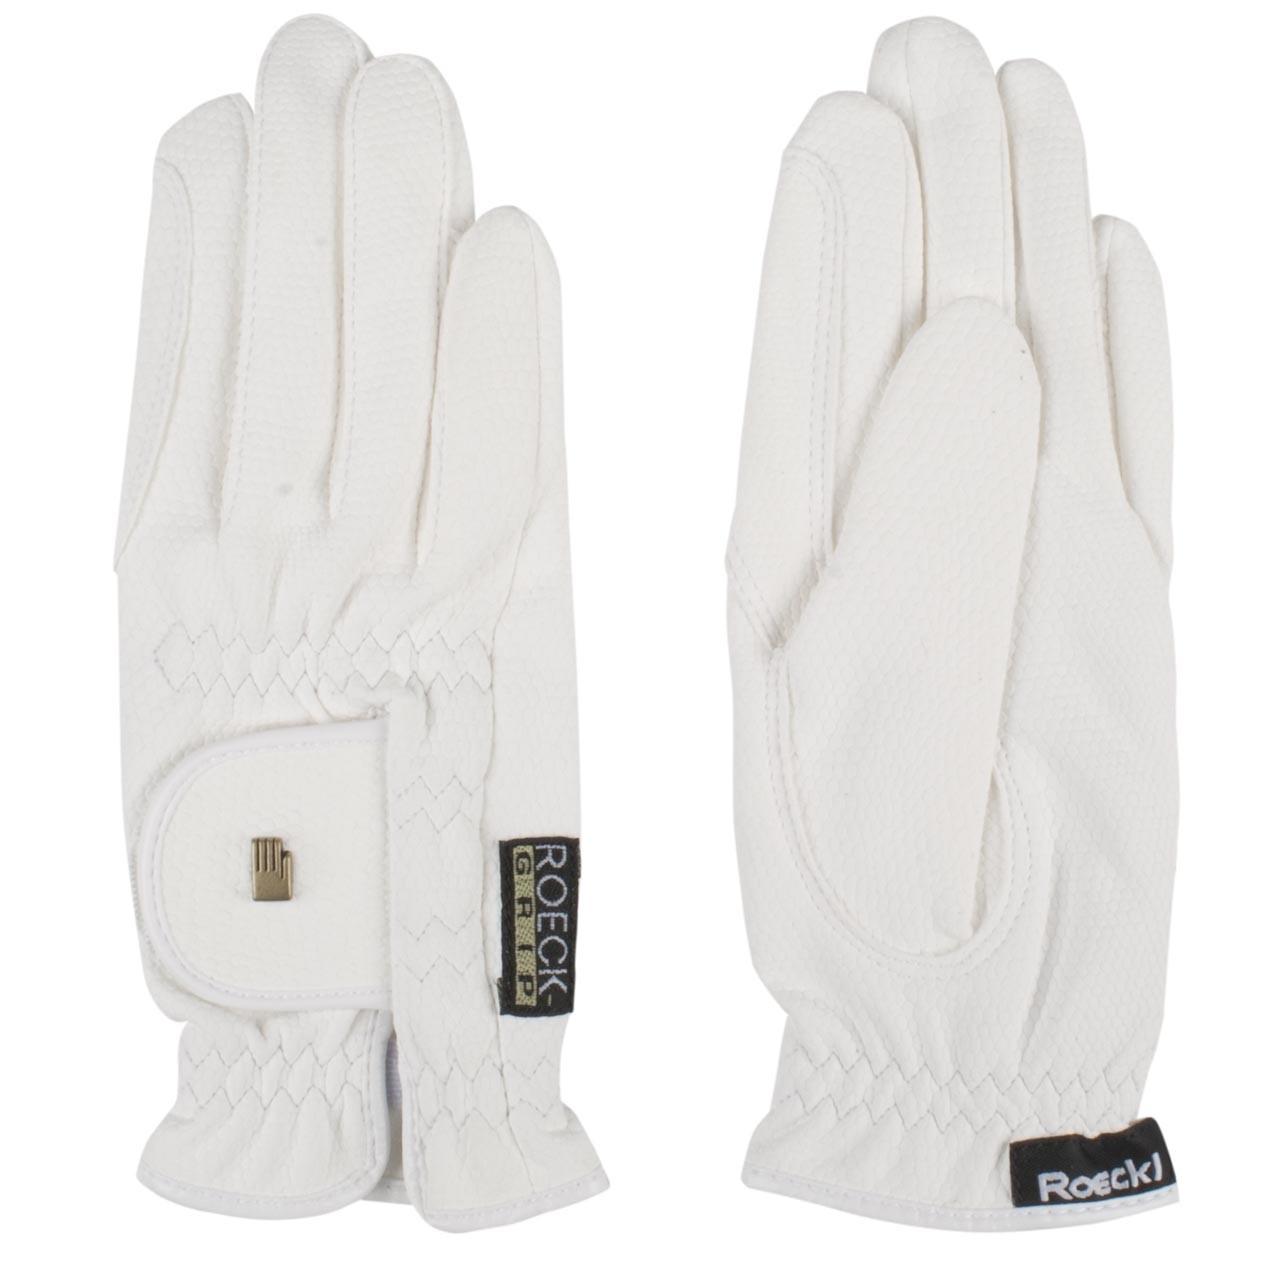 Roeckl RoeckGrip kinder handschoenen wit maat:4